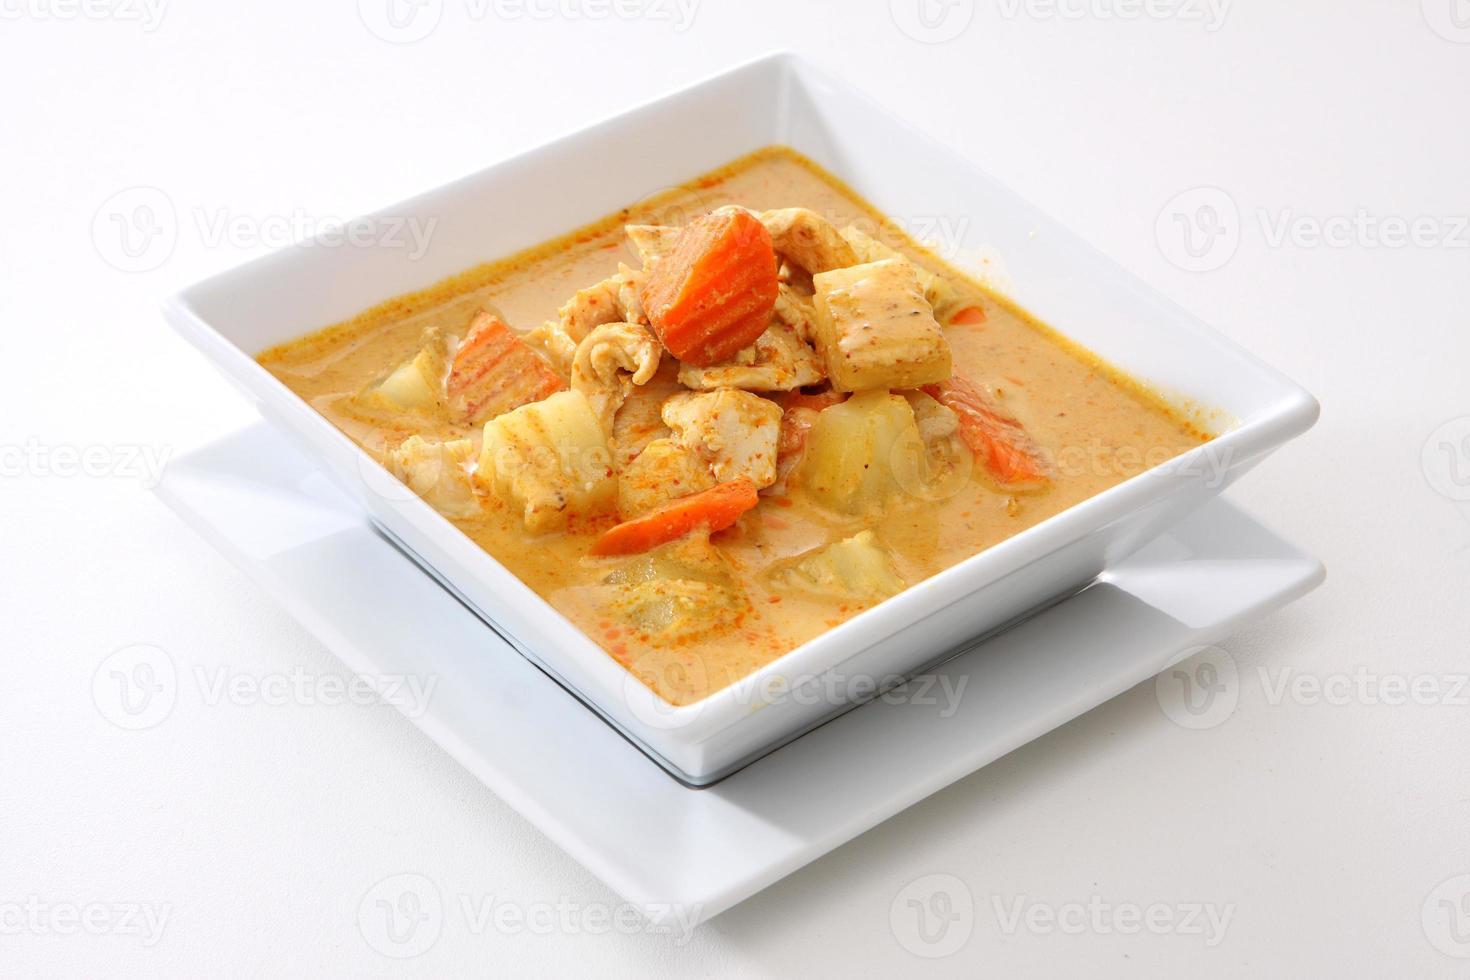 ciotola quadrata bianca con pollo al curry foto